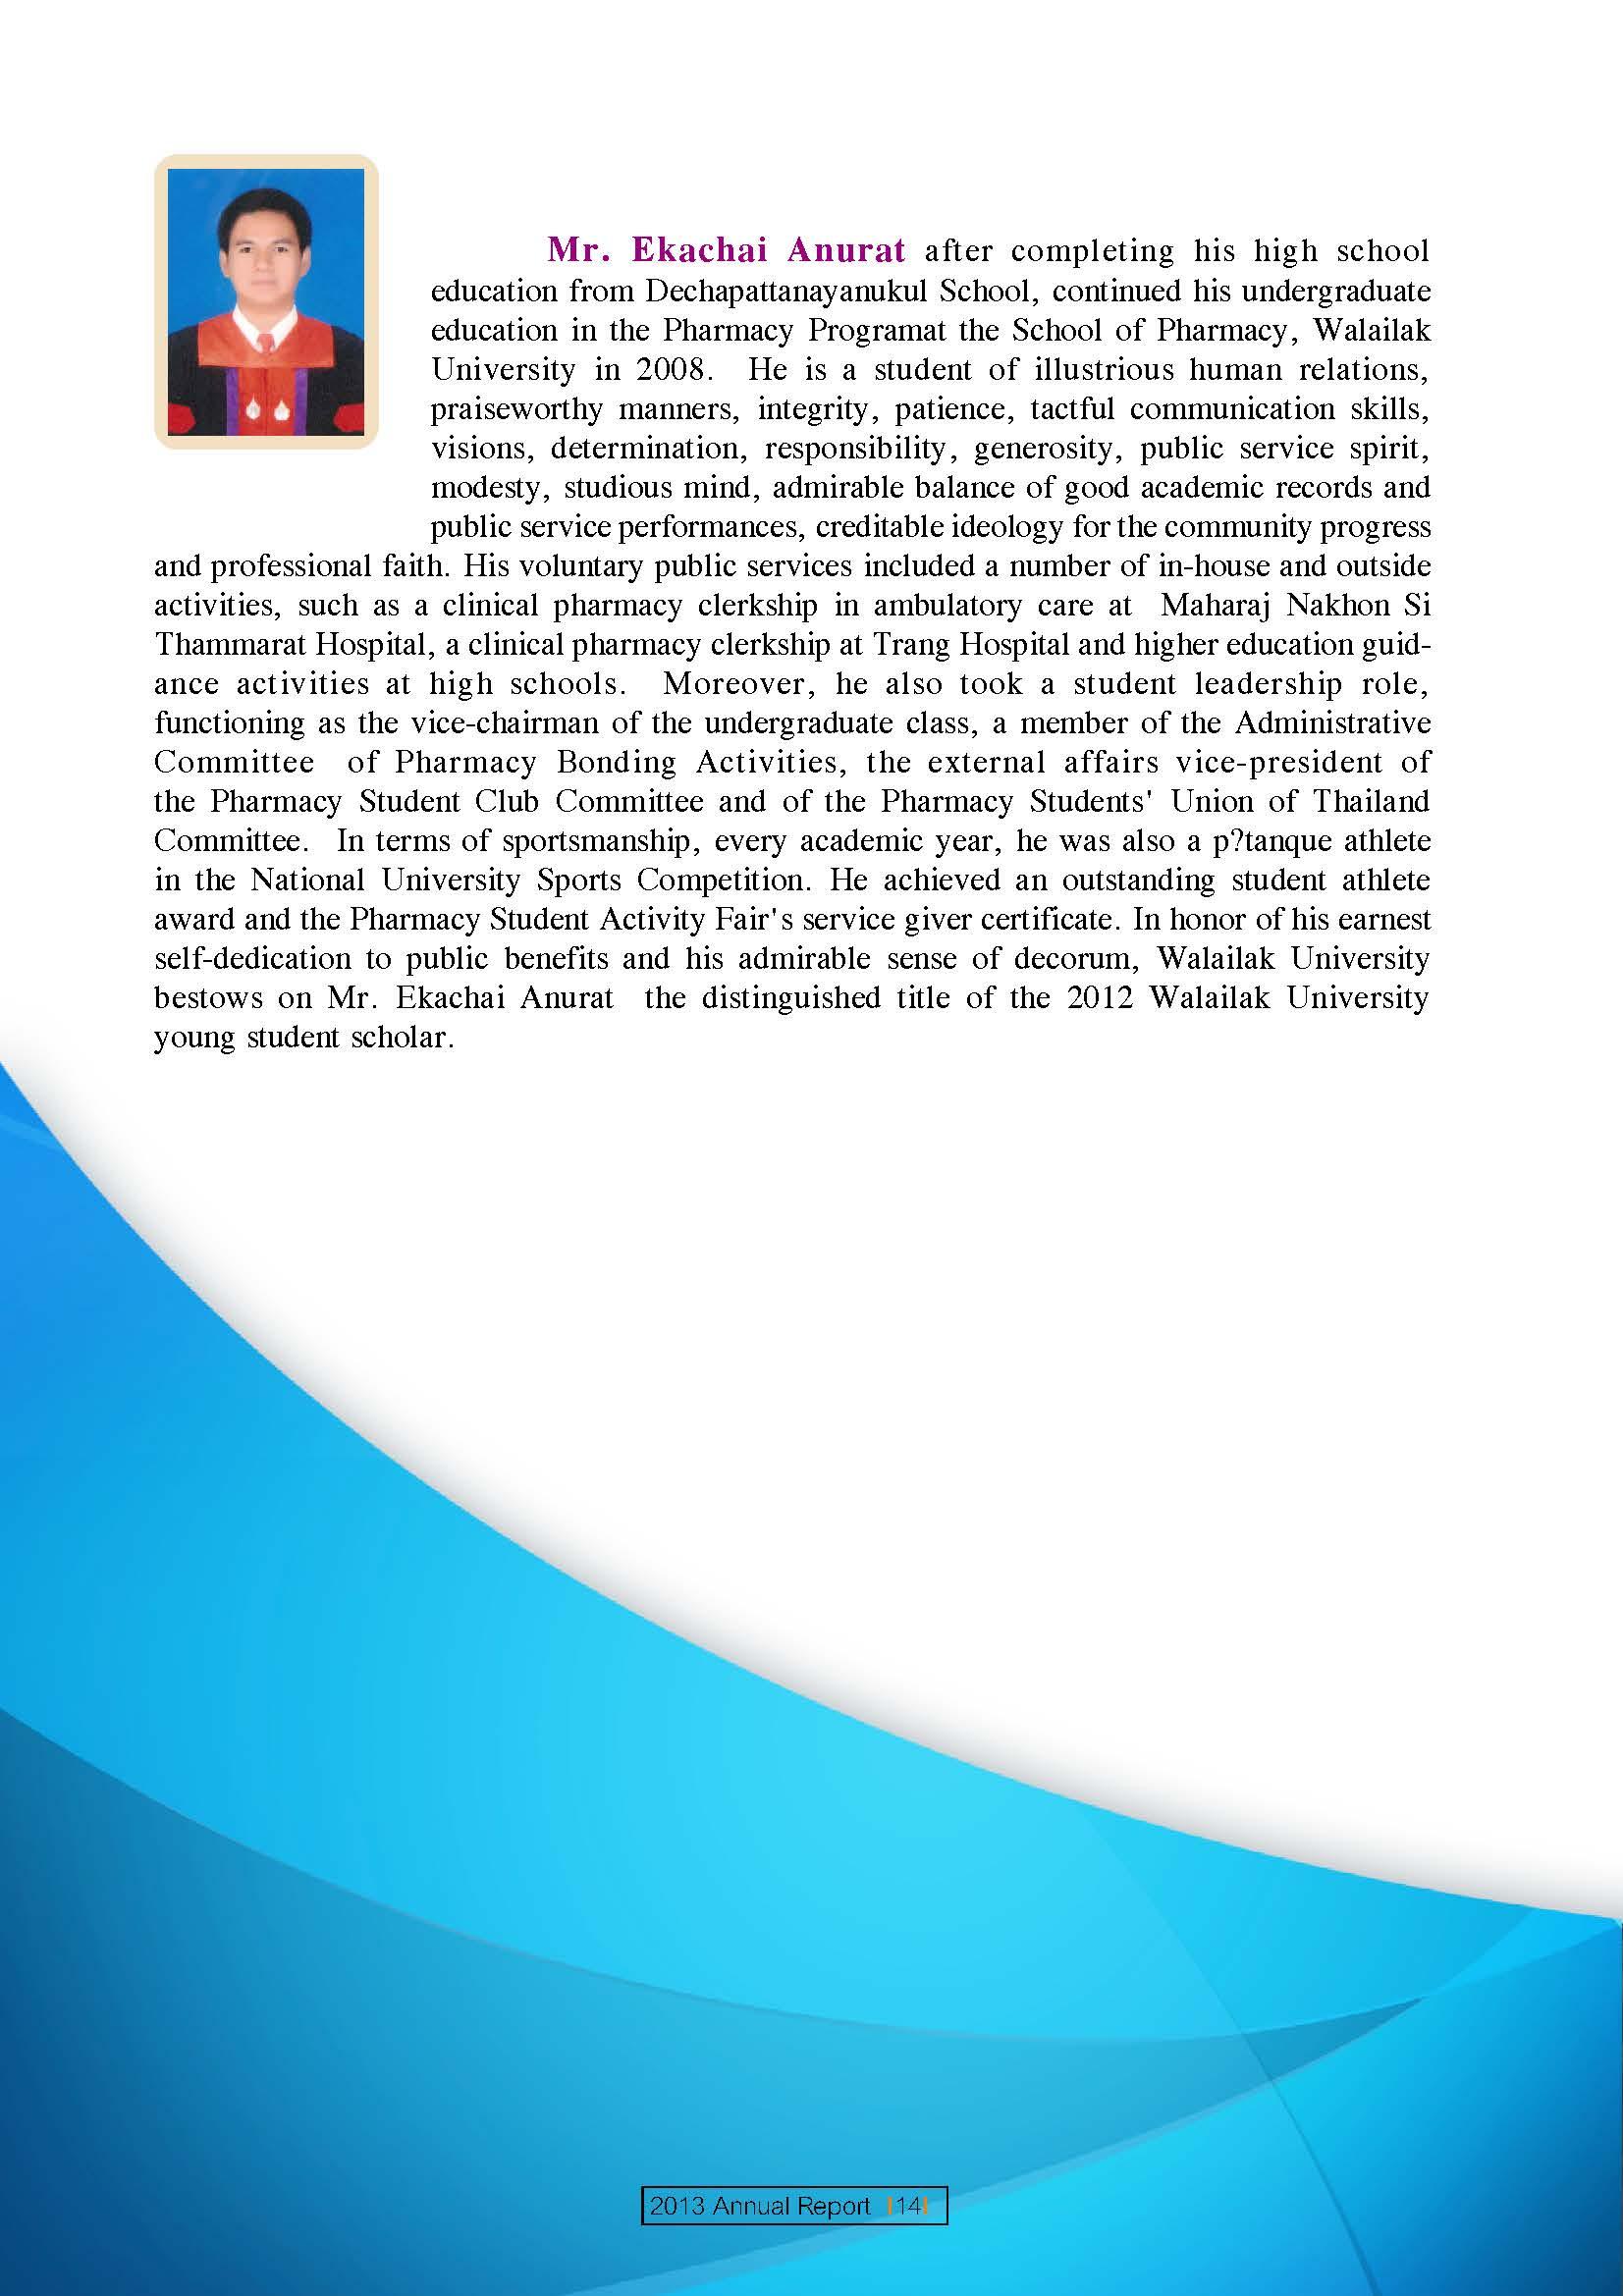 รายงานประจำปี2013ภาษาอังกฤษ_Page_14